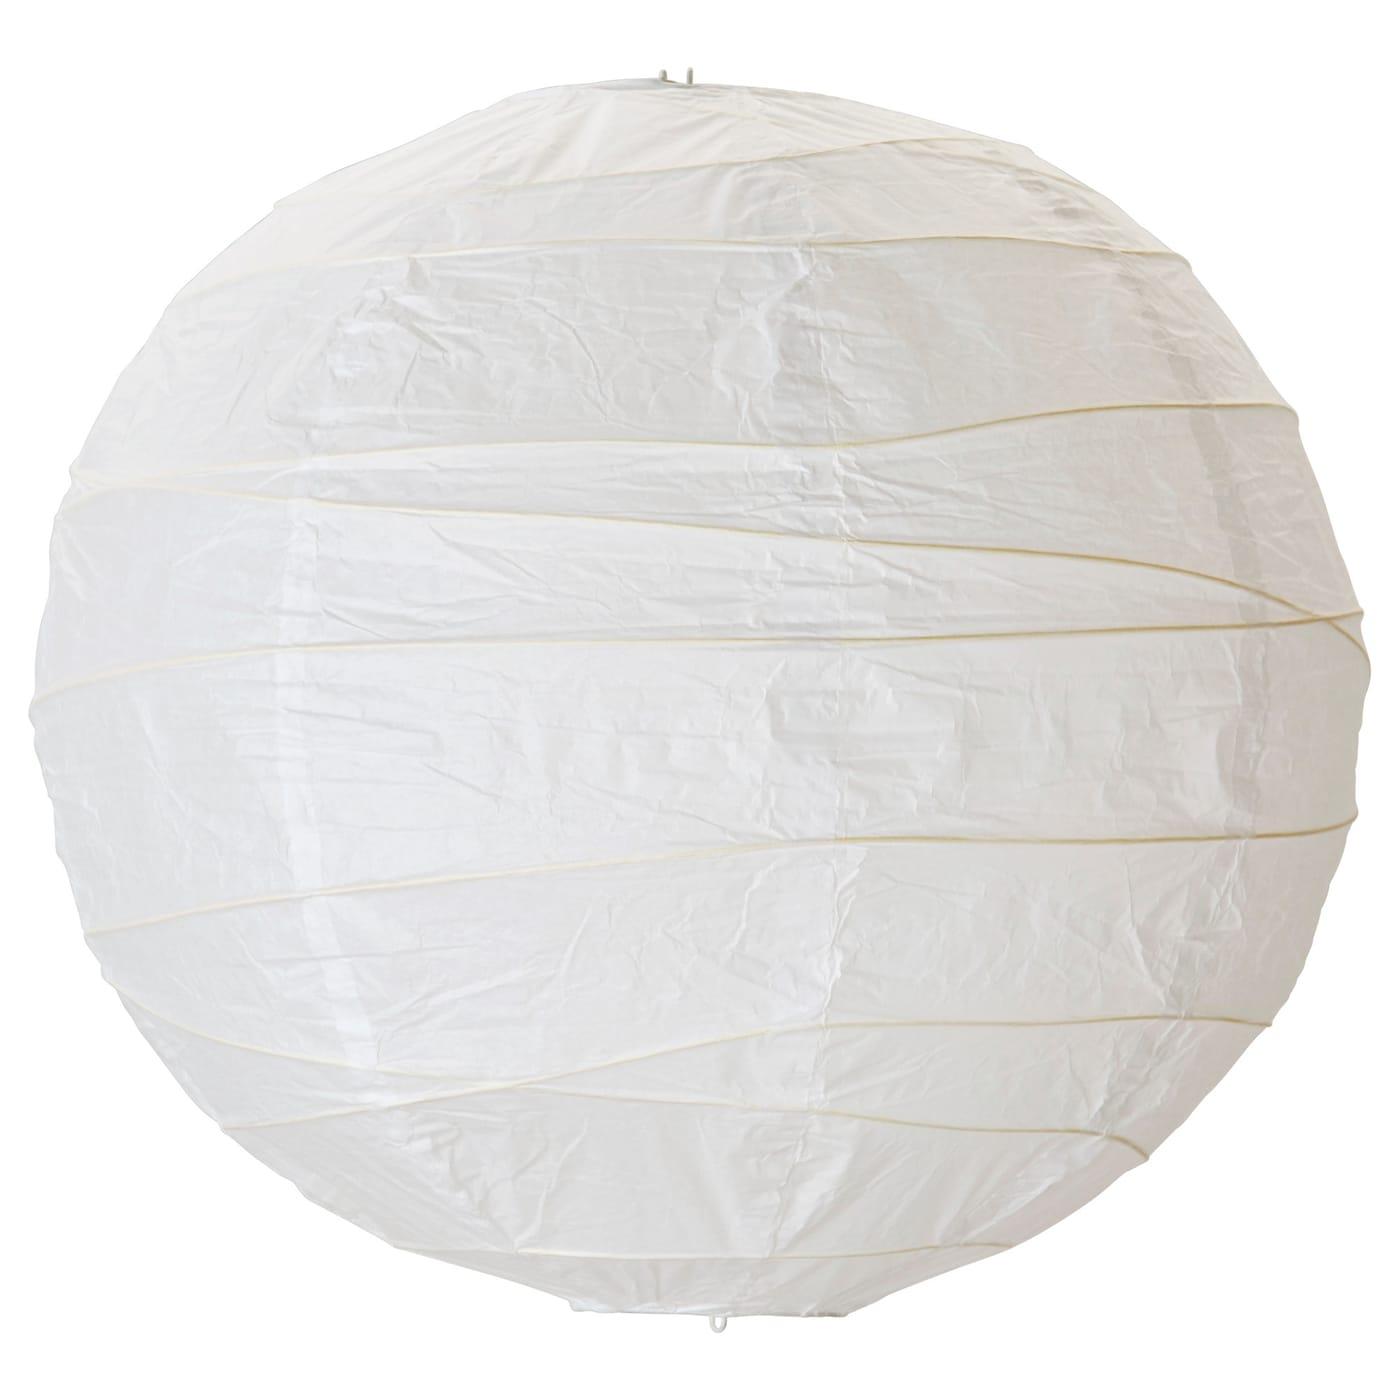 Regolit Pantalla Para Lámpara De Techo Blanco 45 Cm Ikea